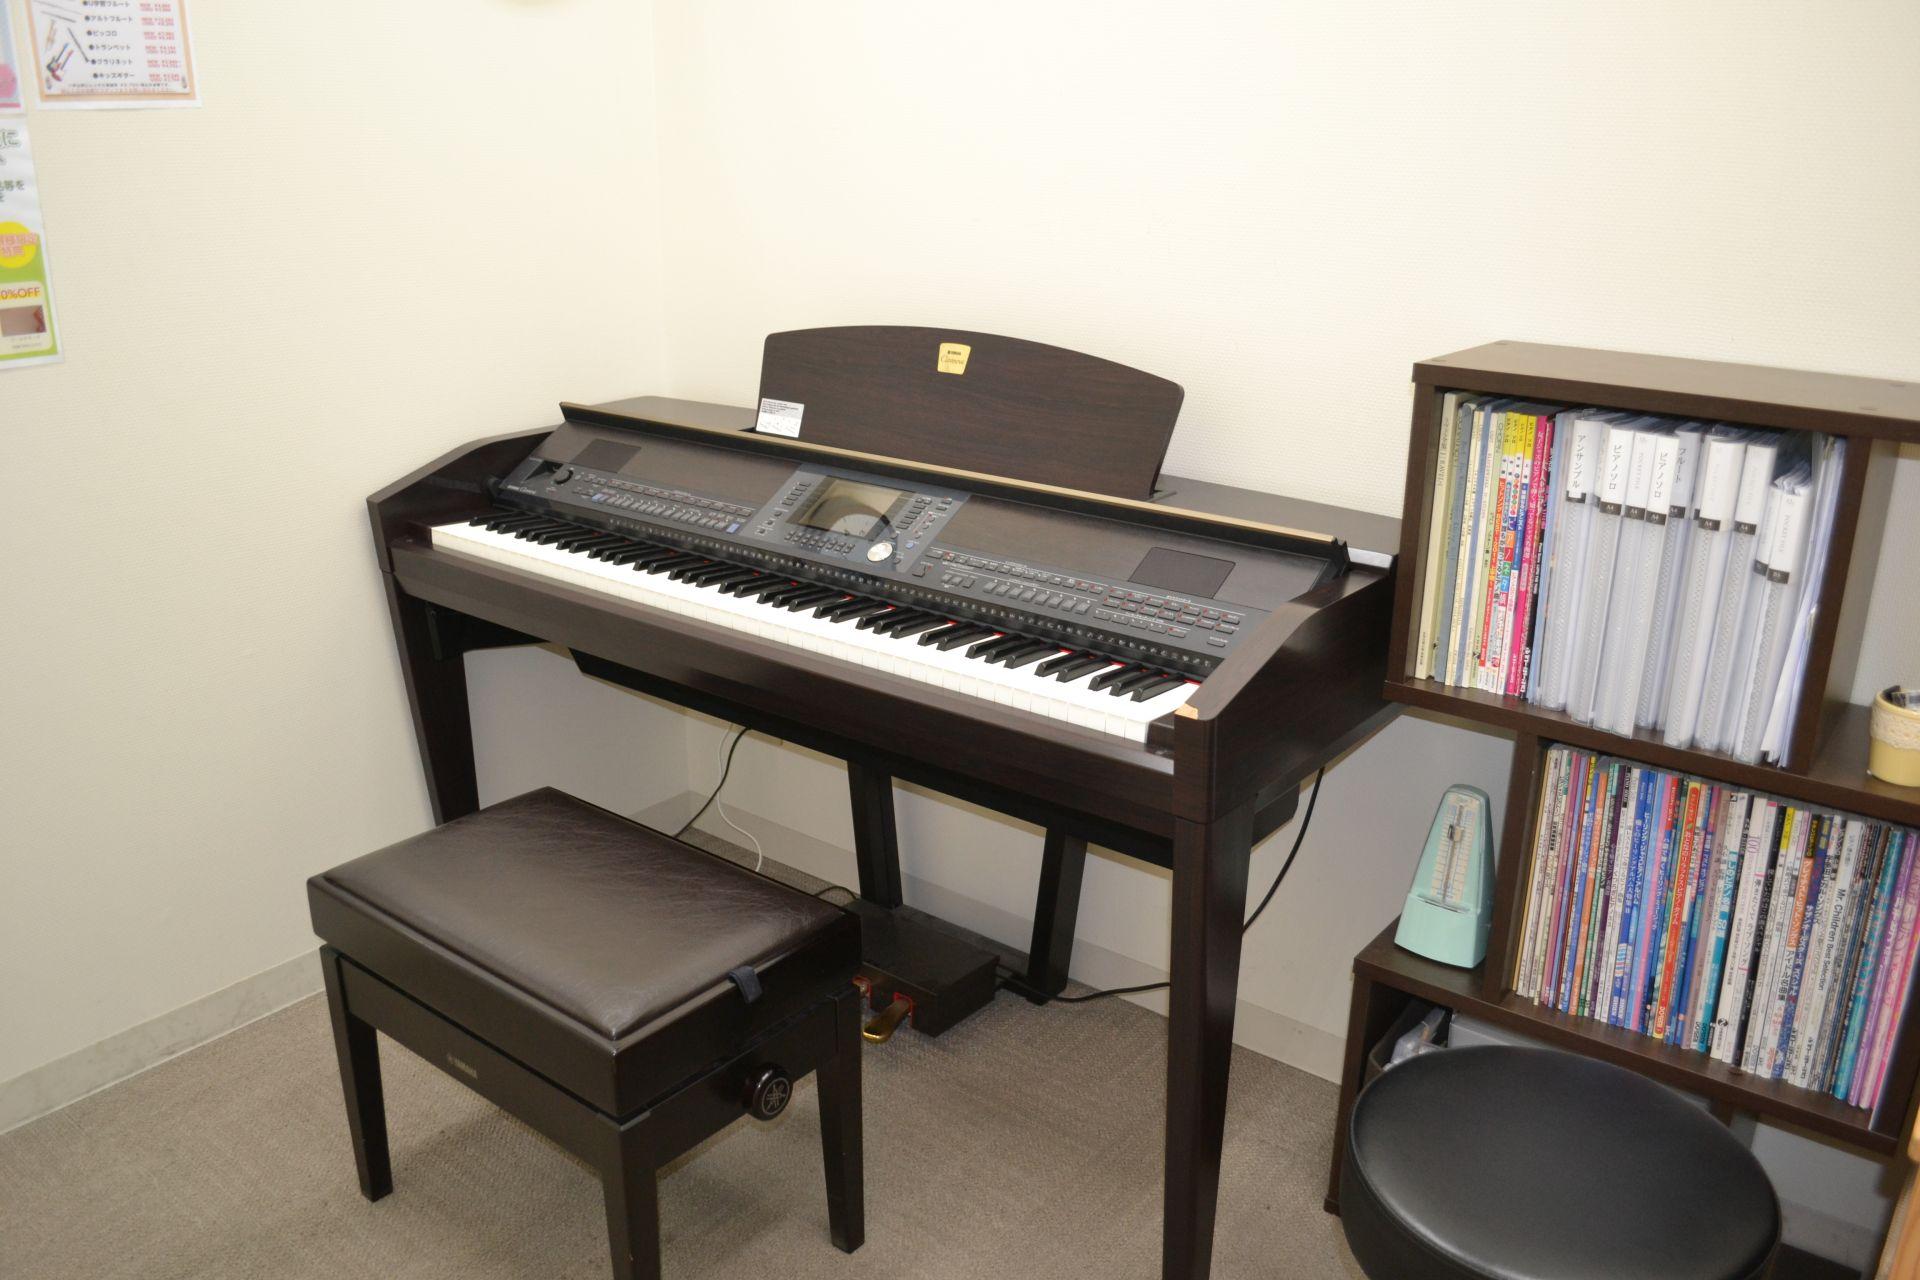 島村楽器 ビビット南船橋 ピアノサロン レッスンルーム